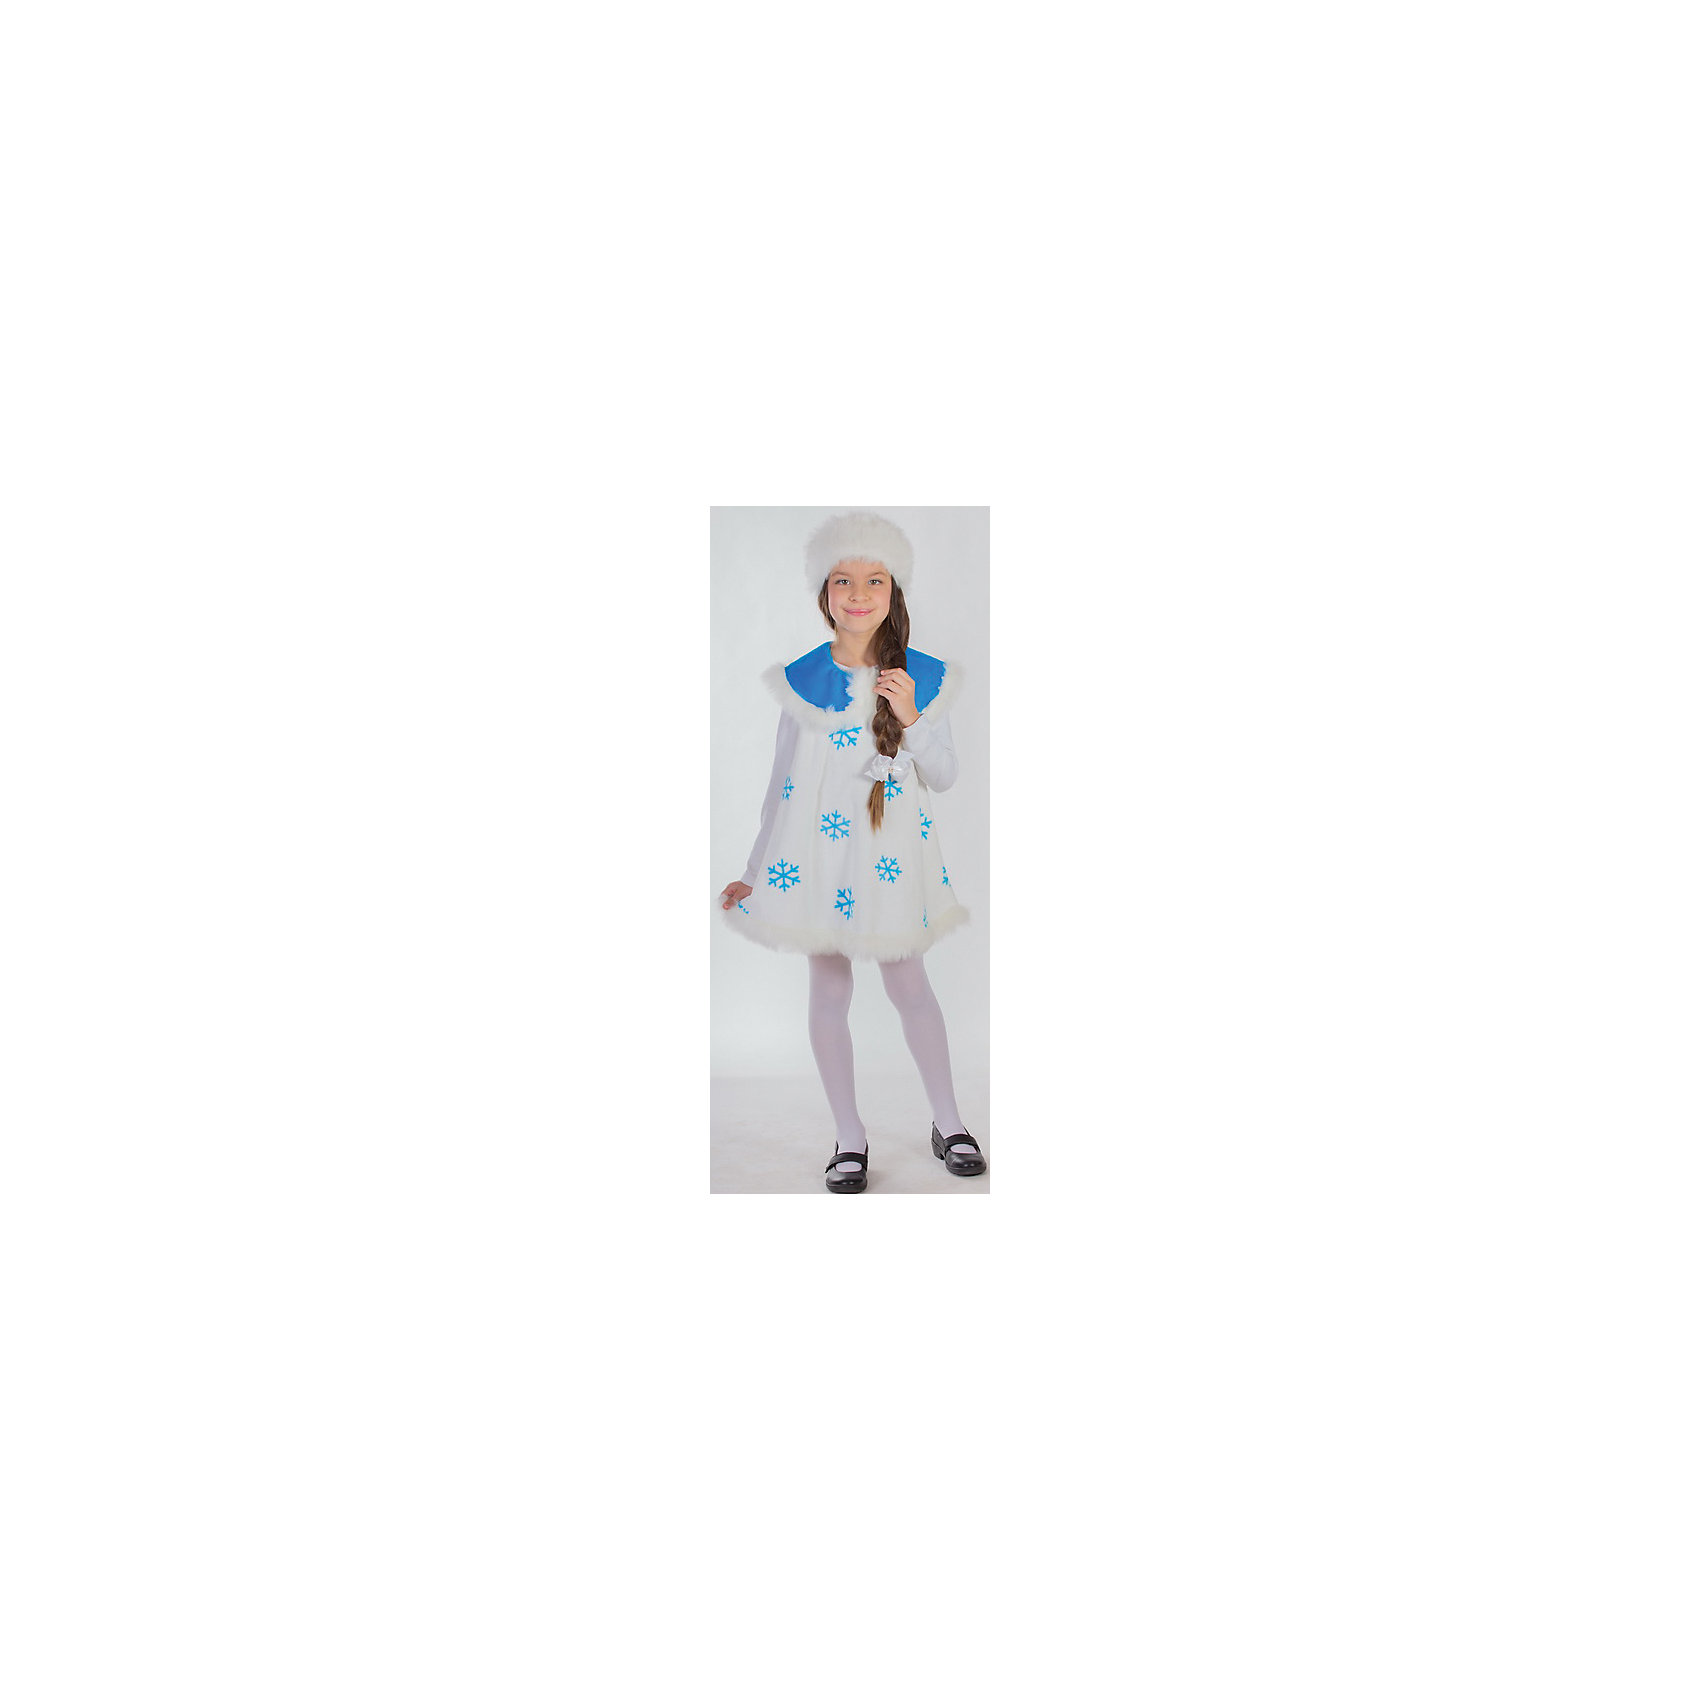 Карнавальный костюм Снежинка, КарнавалияКарнавальные костюмы<br>Карнавальный костюм Снежинка, Карнавалия - симпатичный карнавальный костюм, который поможет создать новогодний образ.<br><br>В комплект входит: платье и шапочка.<br>Материал: 100% полиэстер<br><br>Карнавальный костюм Снежинка, Карнавалия можно купить в нашем интернет-магазине.<br><br>Ширина мм: 290<br>Глубина мм: 270<br>Высота мм: 50<br>Вес г: 375<br>Цвет: белый<br>Возраст от месяцев: 36<br>Возраст до месяцев: 84<br>Пол: Женский<br>Возраст: Детский<br>Размер: 122/128<br>SKU: 4764390